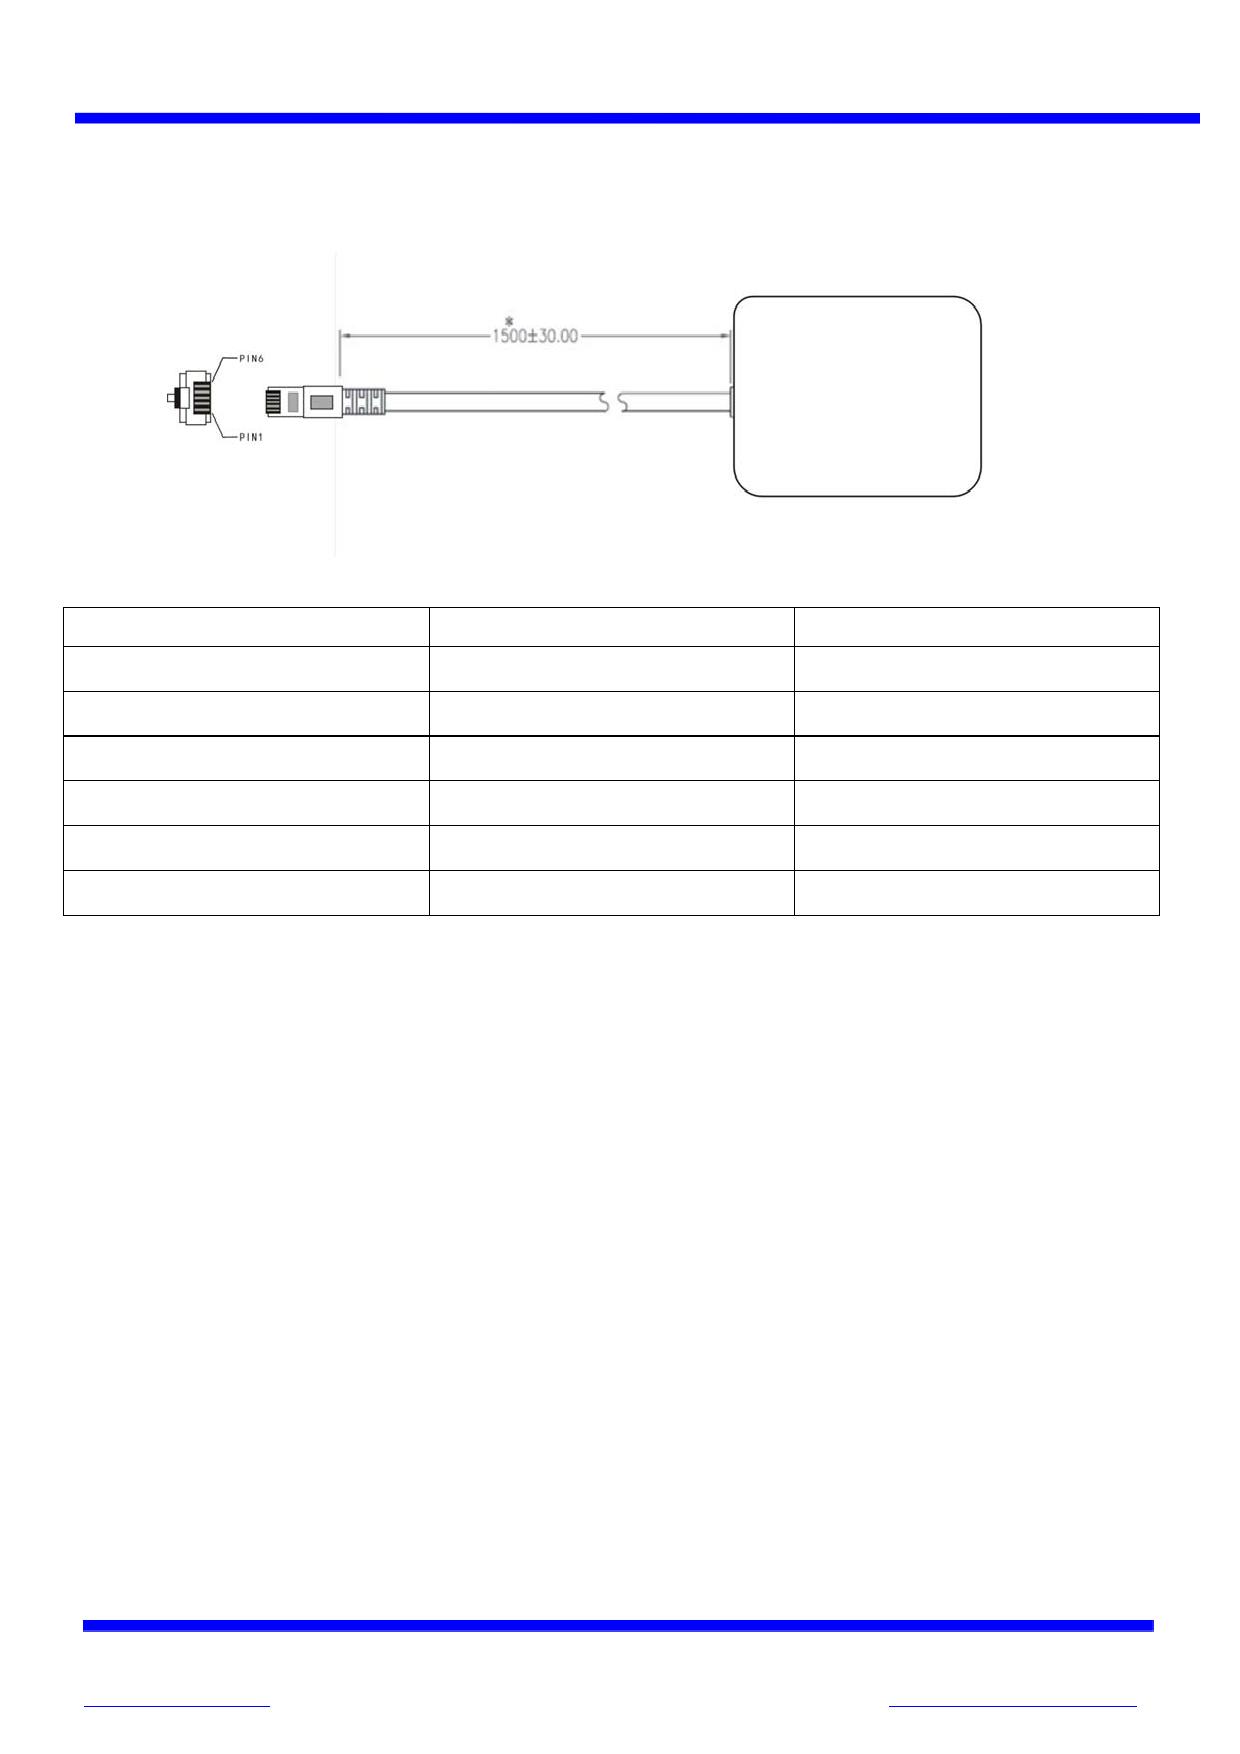 GPS93030SE35 pdf, ピン配列